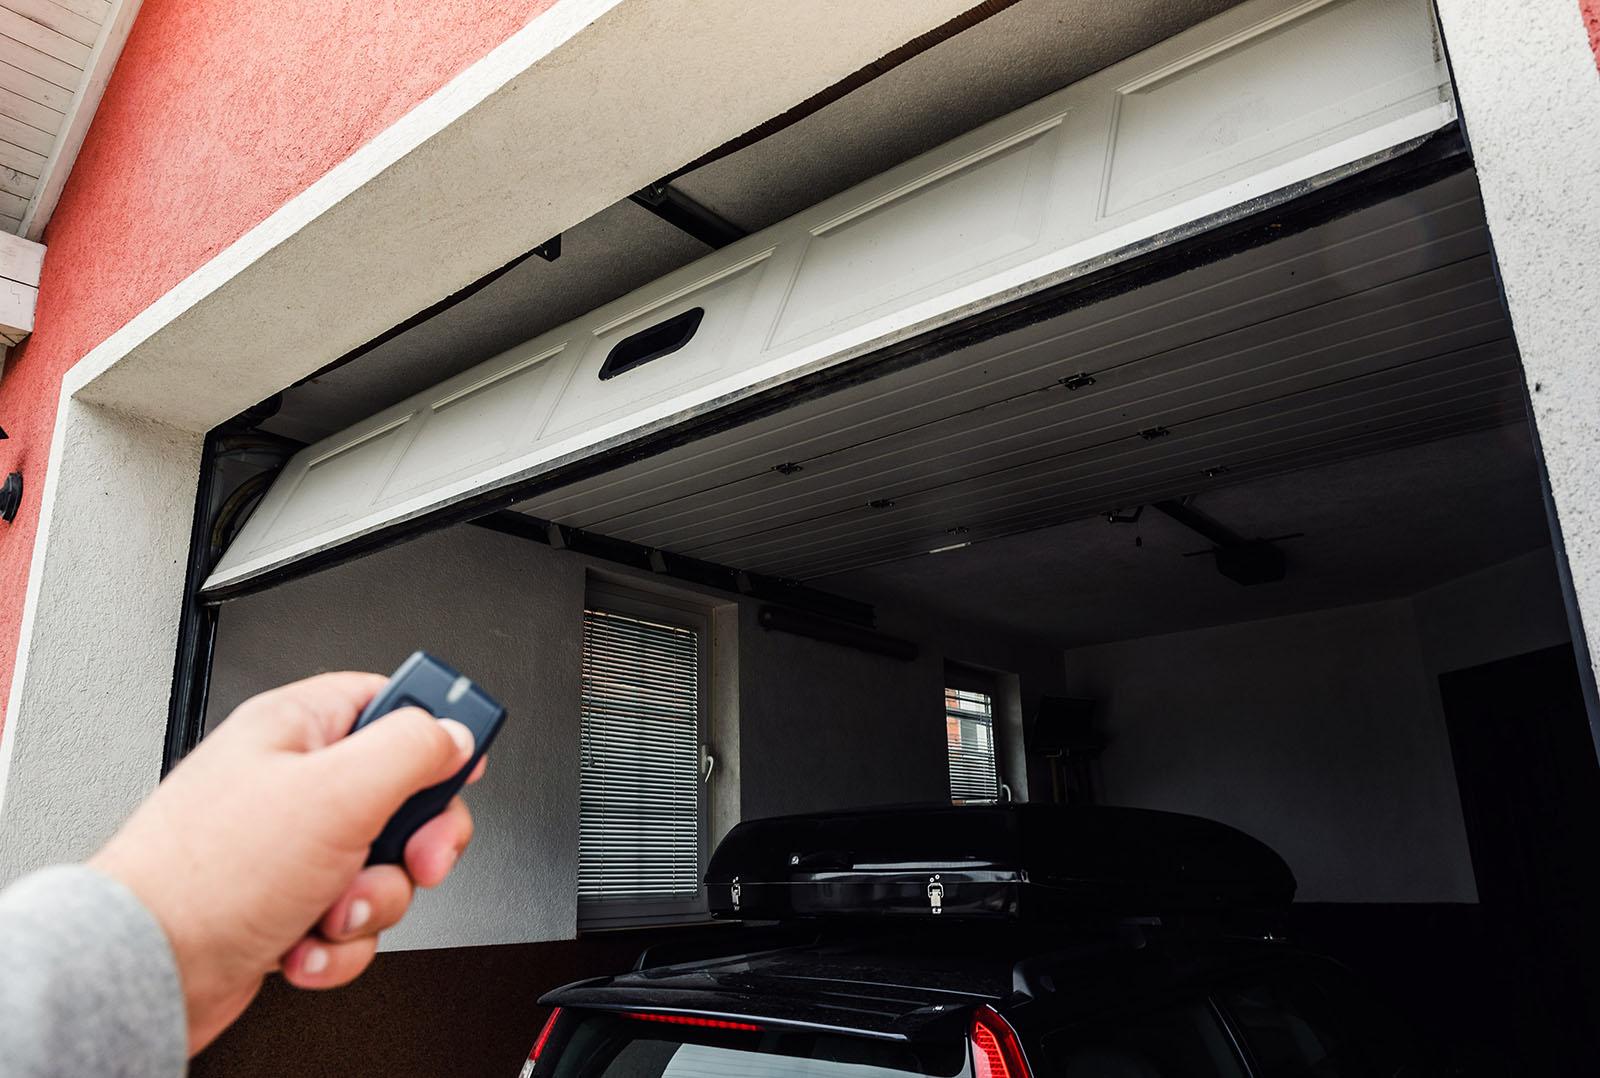 Hos oss hittar ni garageportar i Skåne som uppfyller alla era behov. Kontakta oss för garageportar i Skåne.